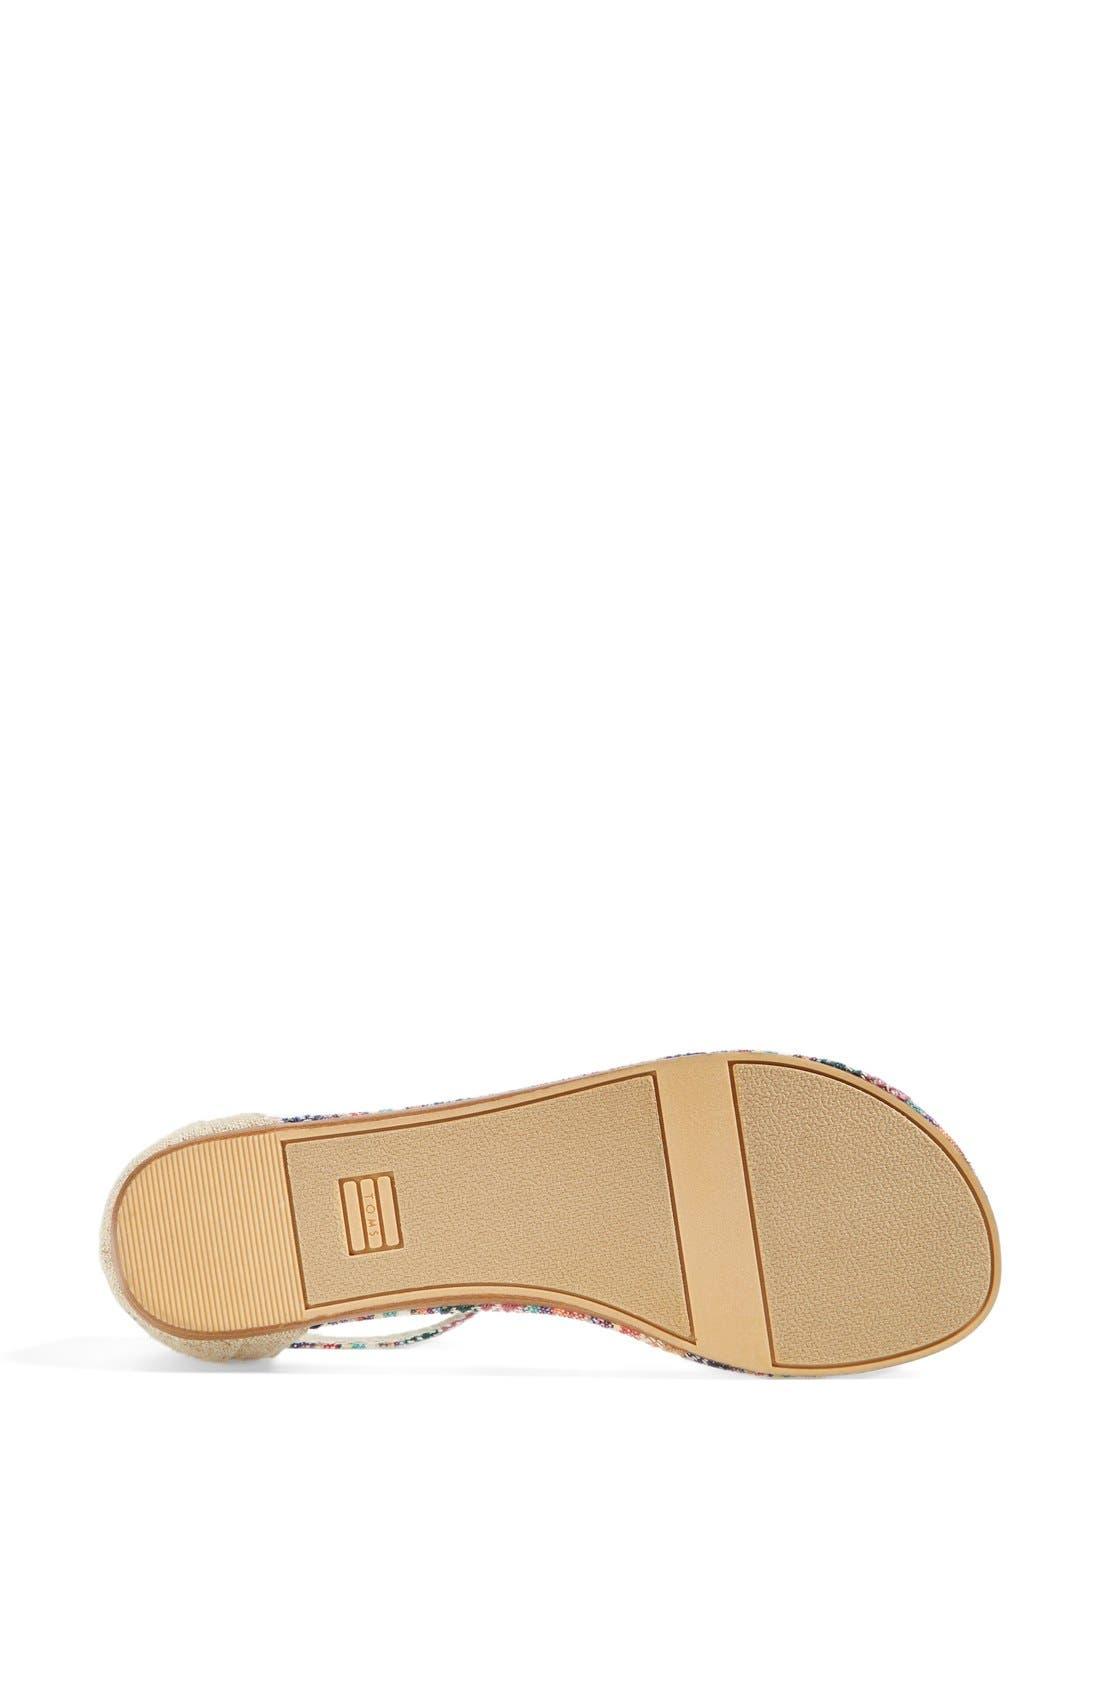 Alternate Image 4  - TOMS 'Playa' Thong Sandal (Women)